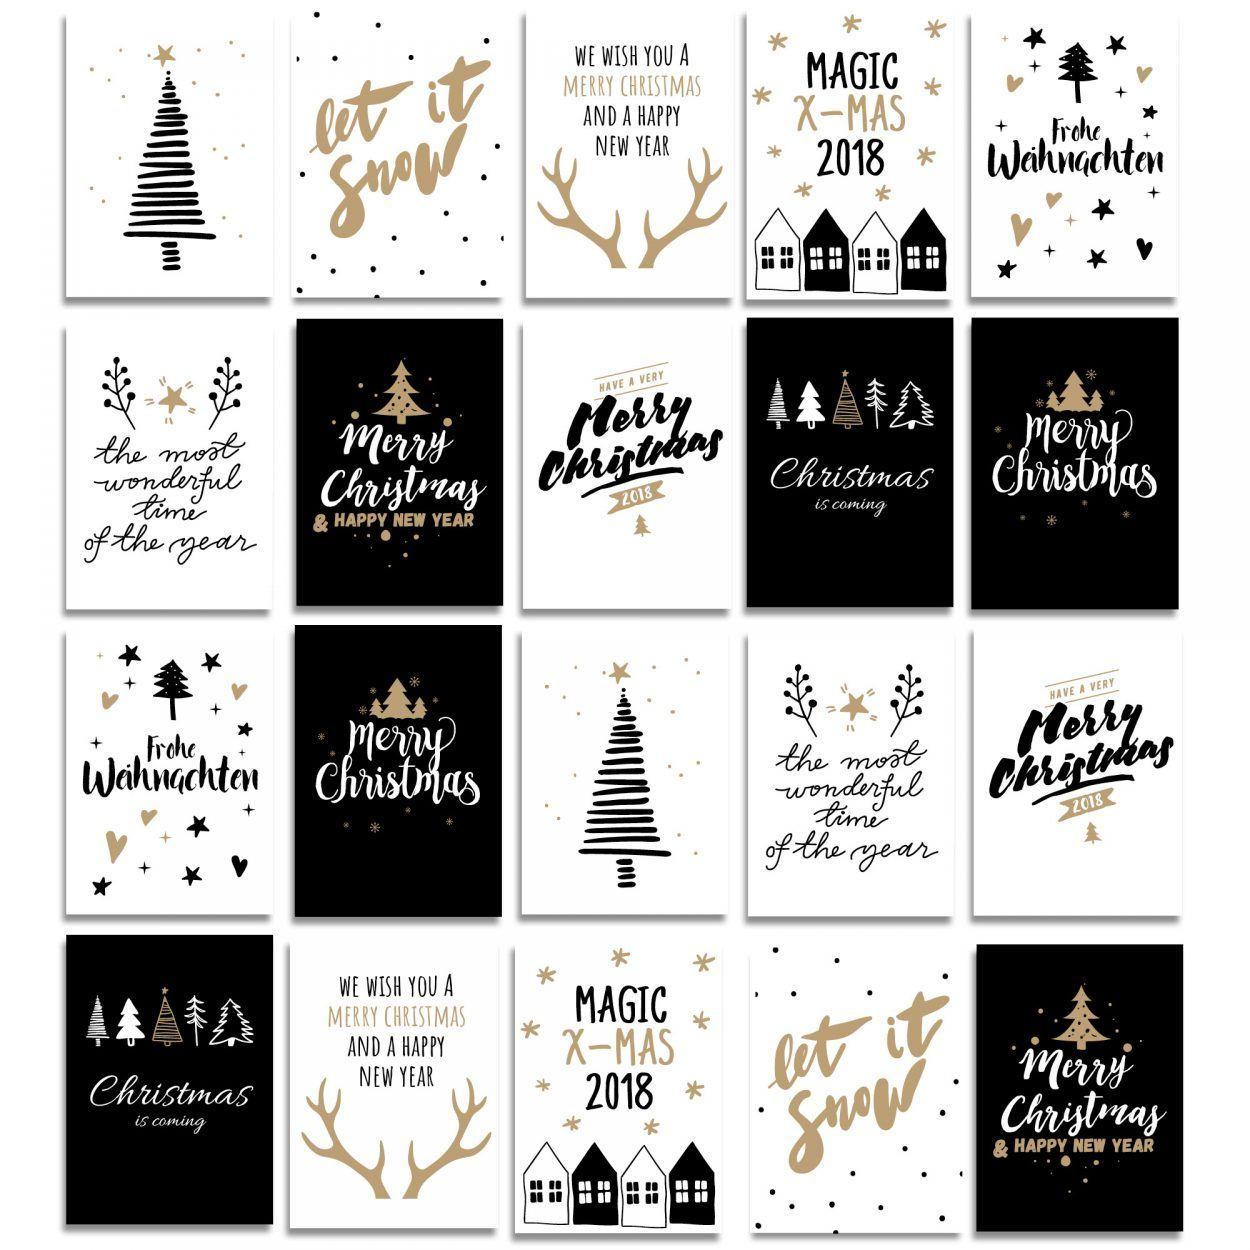 sprueche-weihnachtskarten-bigdaygraphix-hygge-scandinavian-design #weihnachtskartenspruch